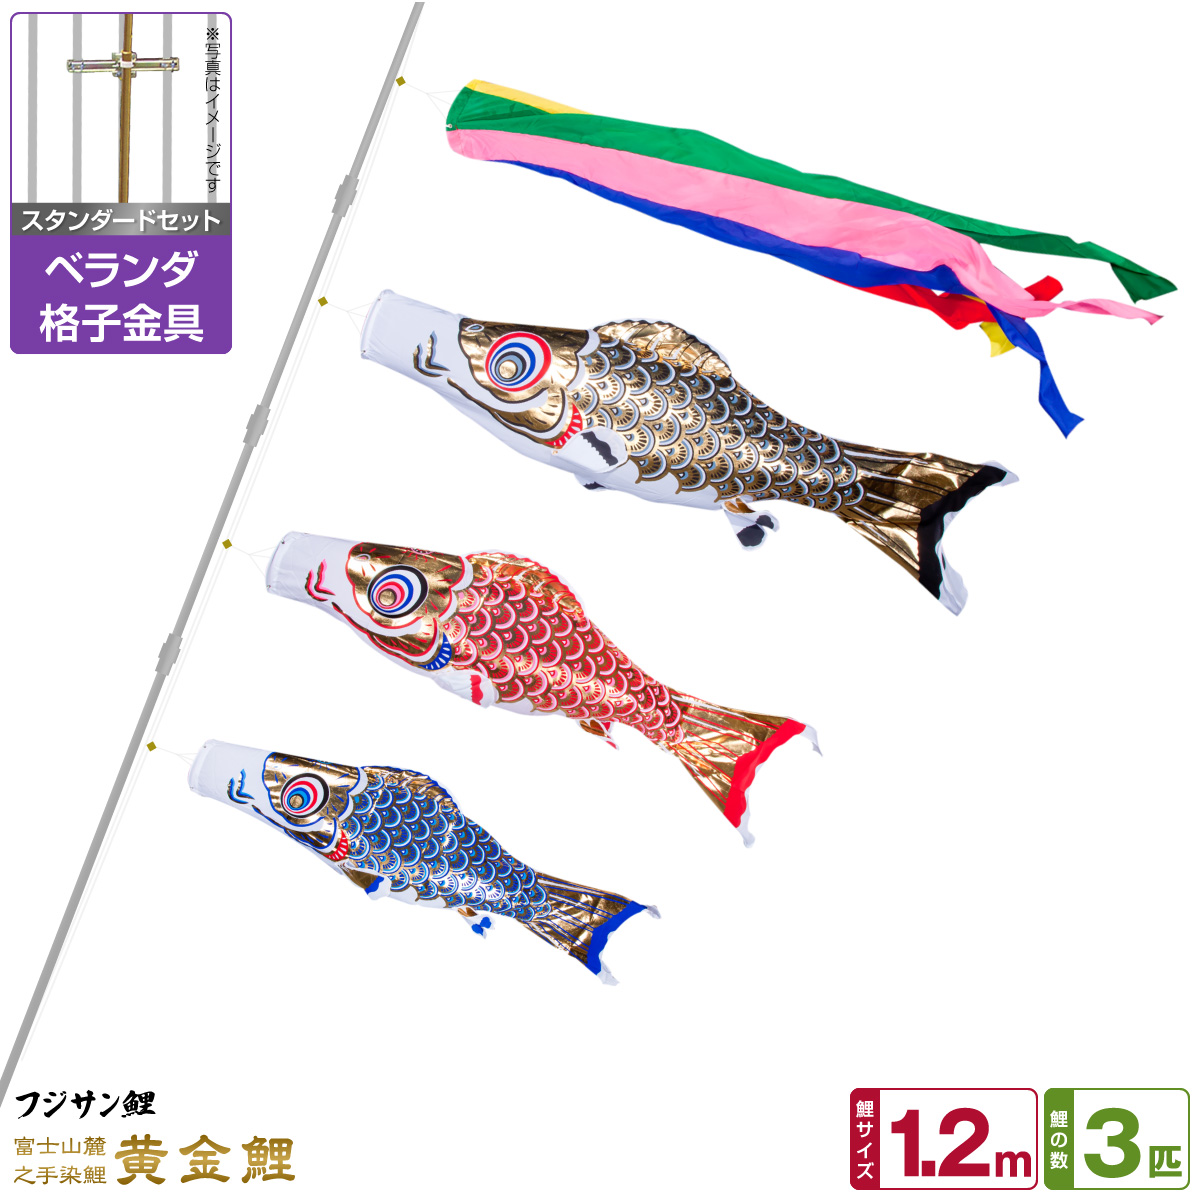 ベランダ用 こいのぼり 鯉のぼり フジサン鯉 黄金鯉 1.2m 6点(吹流し+鯉3匹+矢車+ロープ)/スタンダードセット(格子金具)